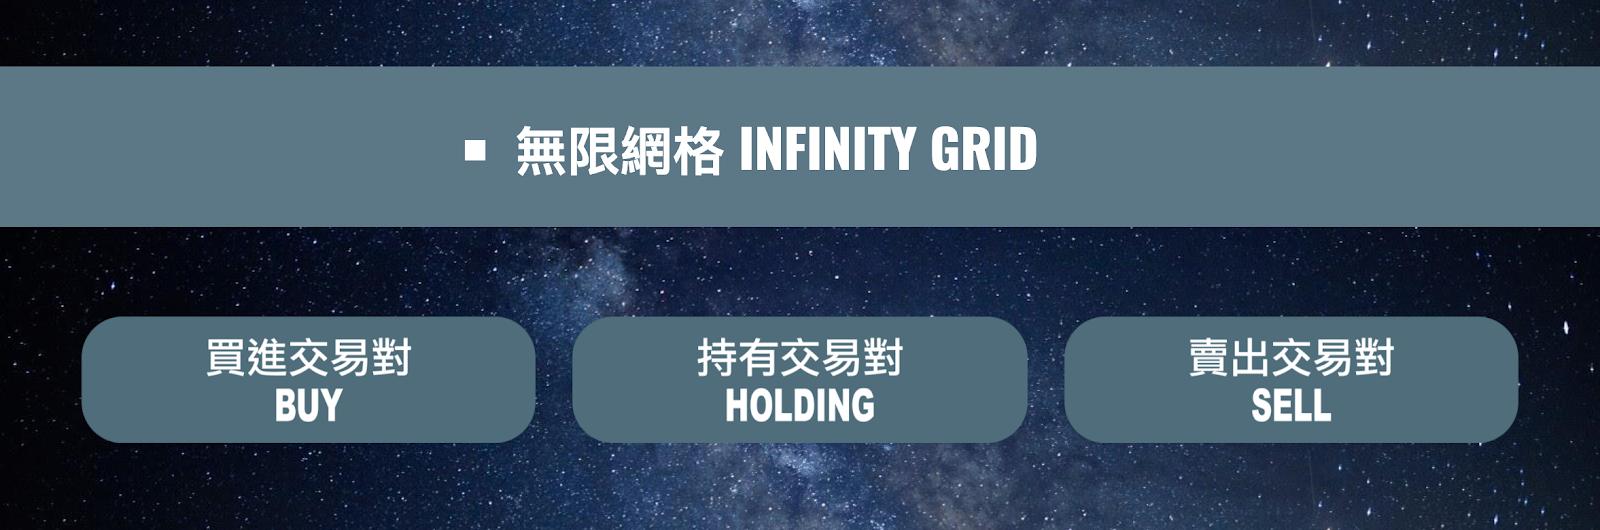 比特幣網格交易輔助系統- GT Radar 網格雷達(二) 無限網格篇